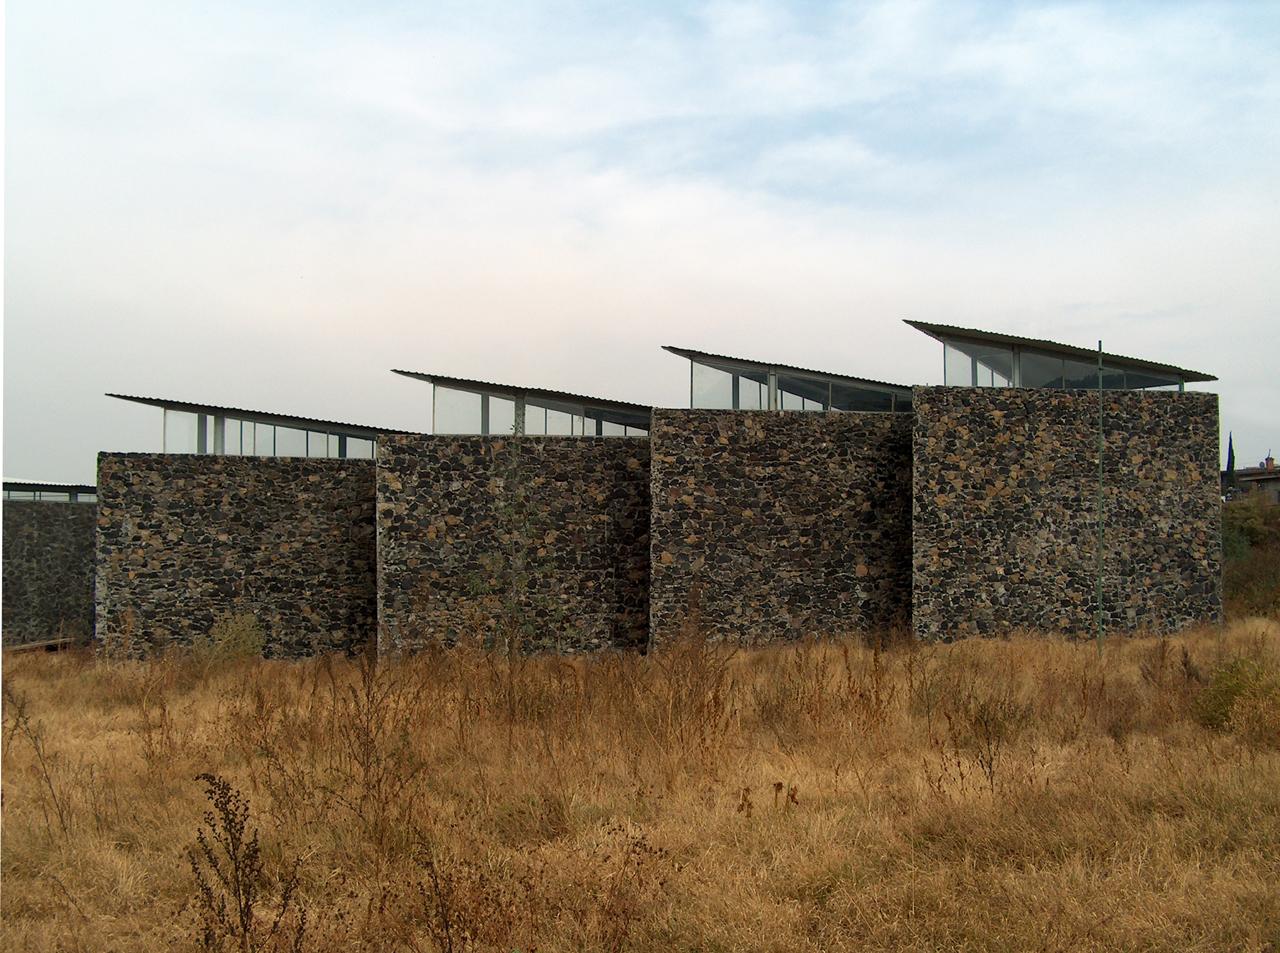 Campamento de Edificios Públicos / Taller de Arquitectura-Mauricio Rocha, Courtesy of  taller de arquitectura-mauricio rocha